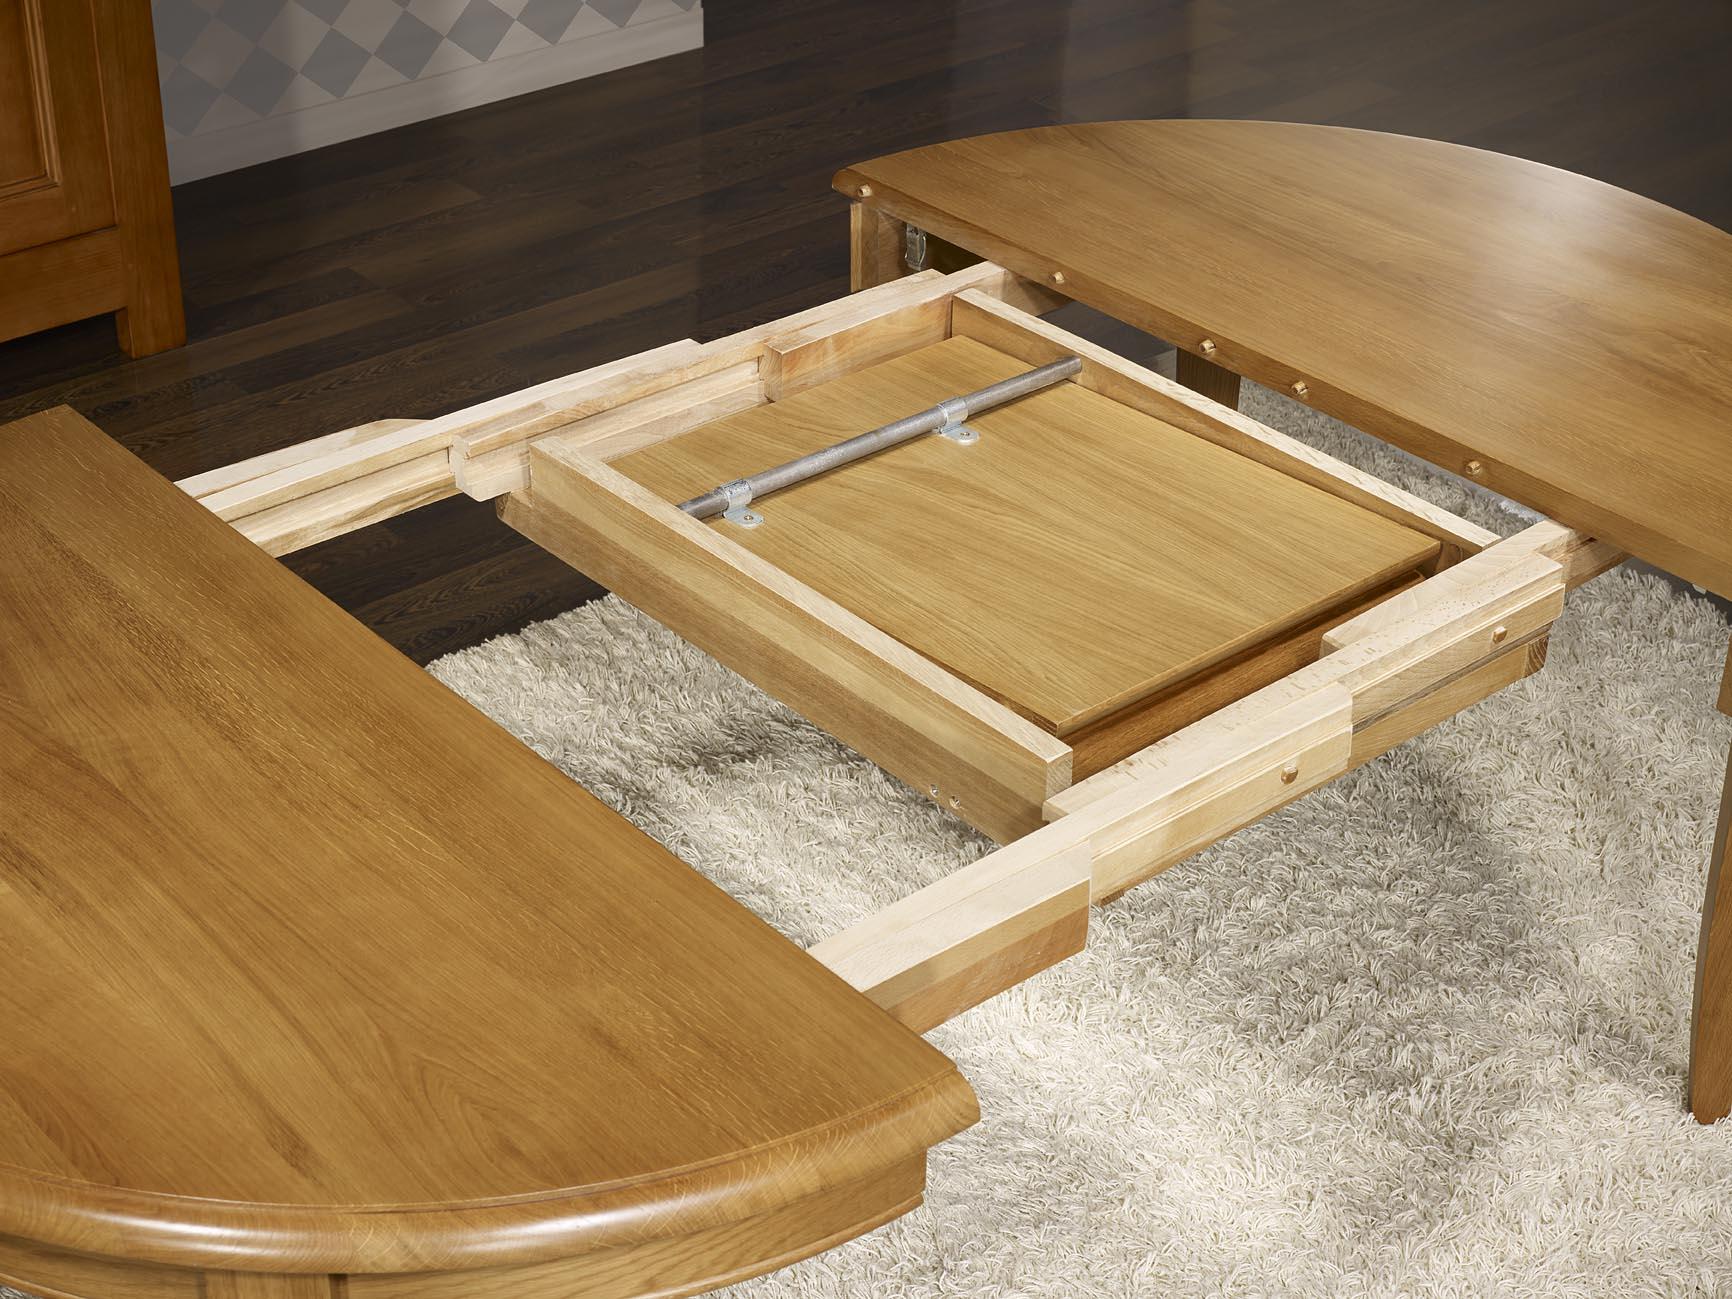 Table ronde 4 pieds marc en ch ne massif de style louis - Table ronde bois massif avec rallonge ...